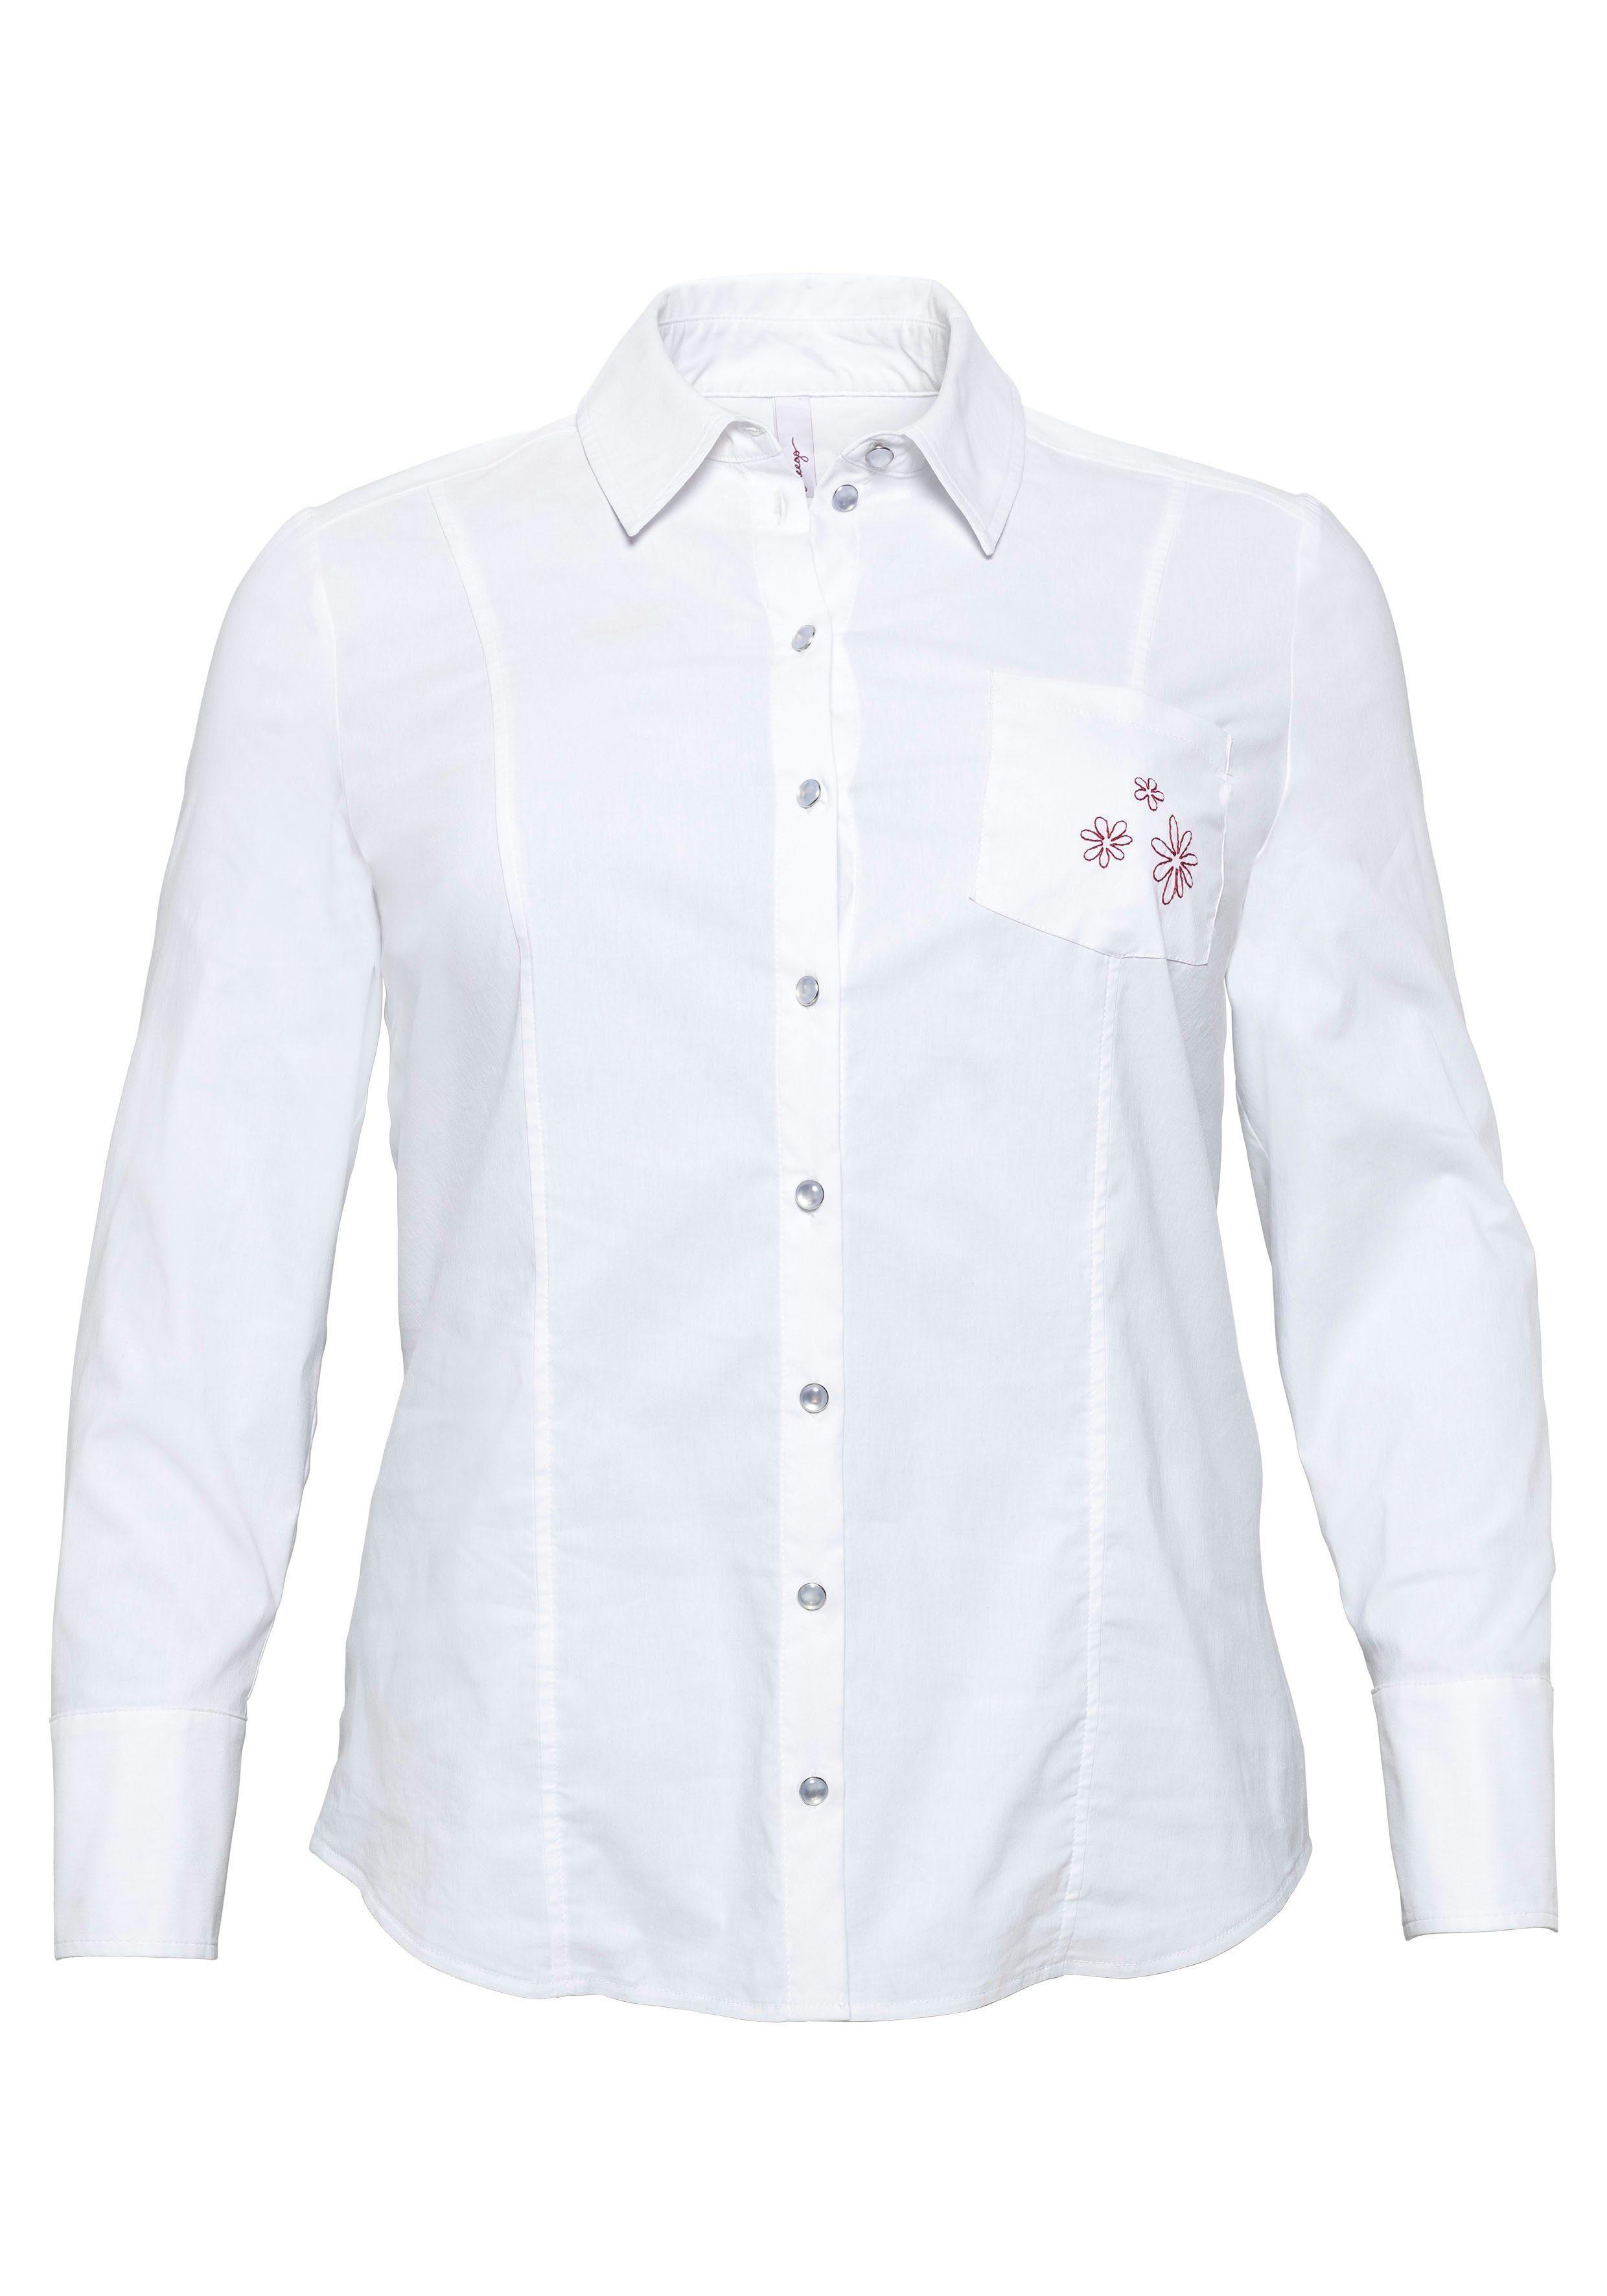 Sheego Overhemdblouse In De Online Winkel - Geweldige Prijs